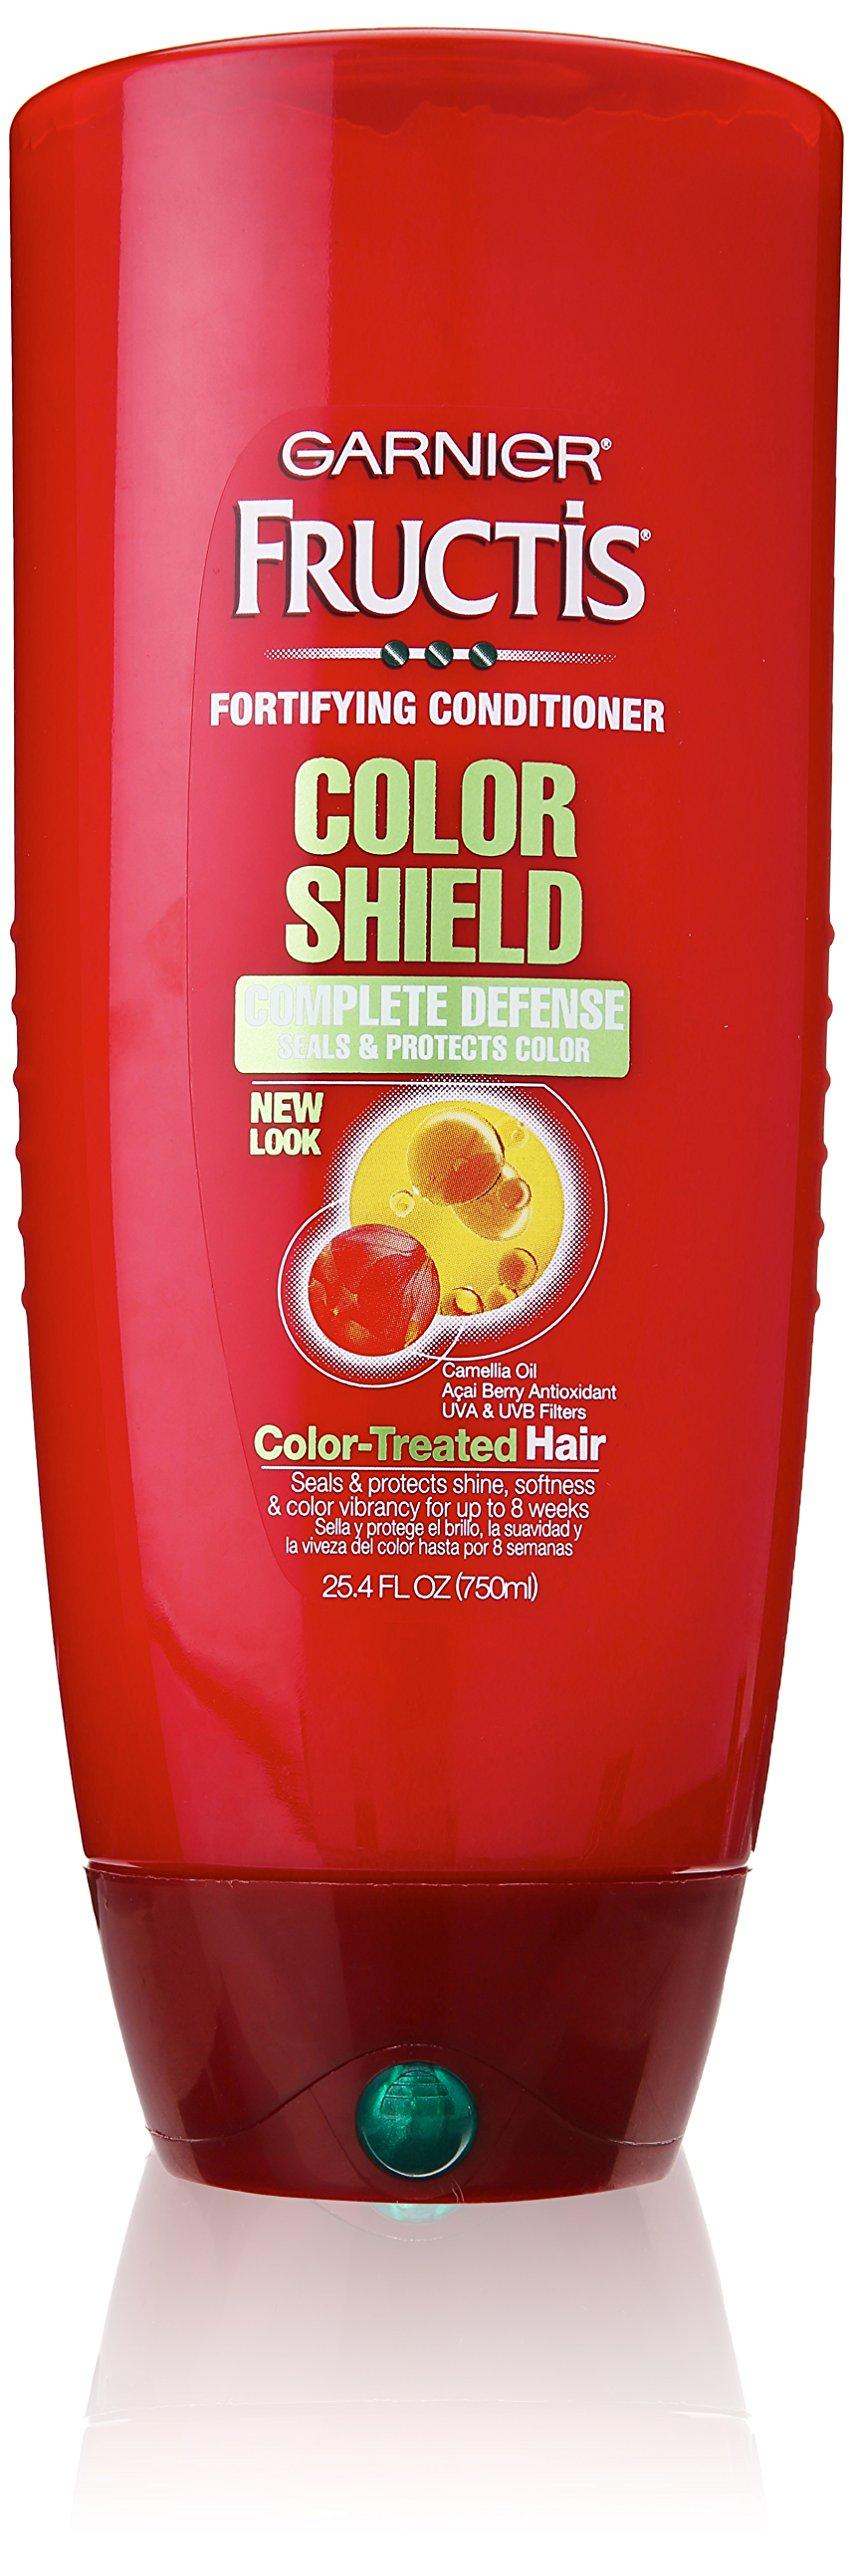 Amazon Garnier Fructis Color Shield Shampoo 2540 Fluid Ounce